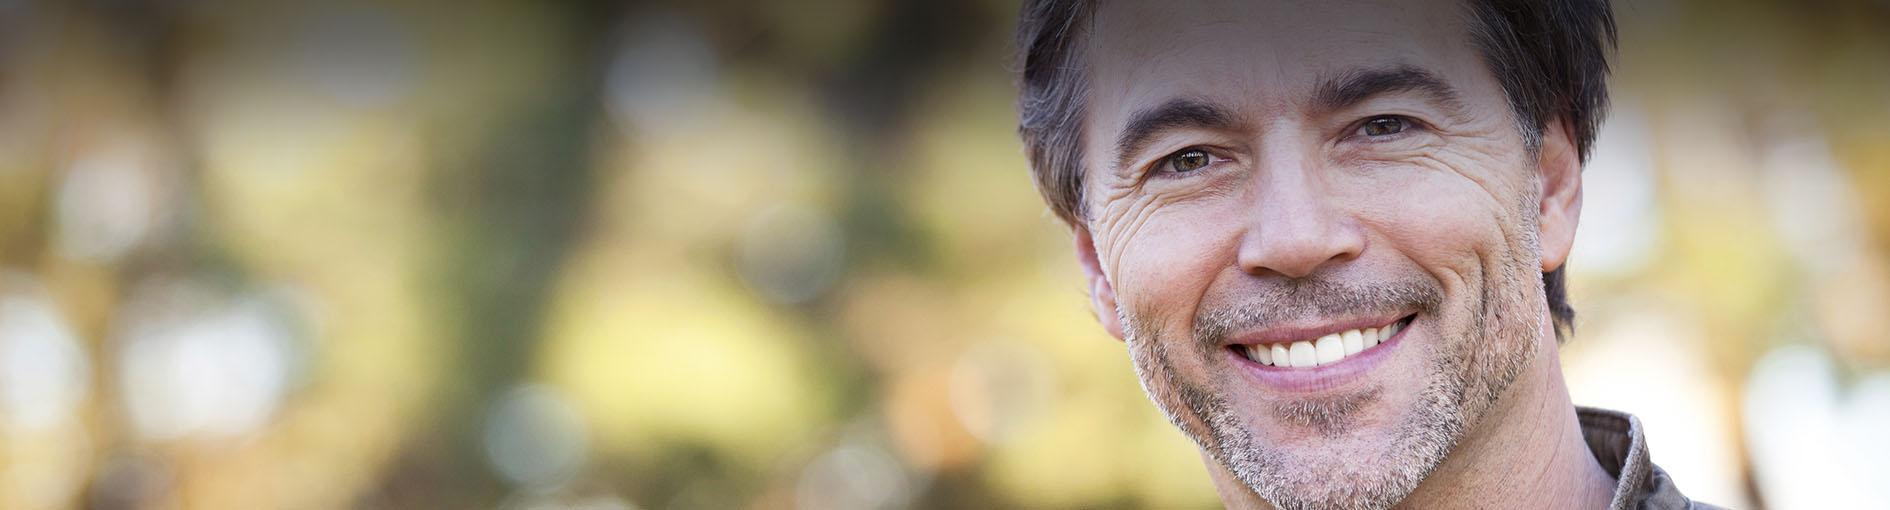 Iorc – Clínica Odontológica